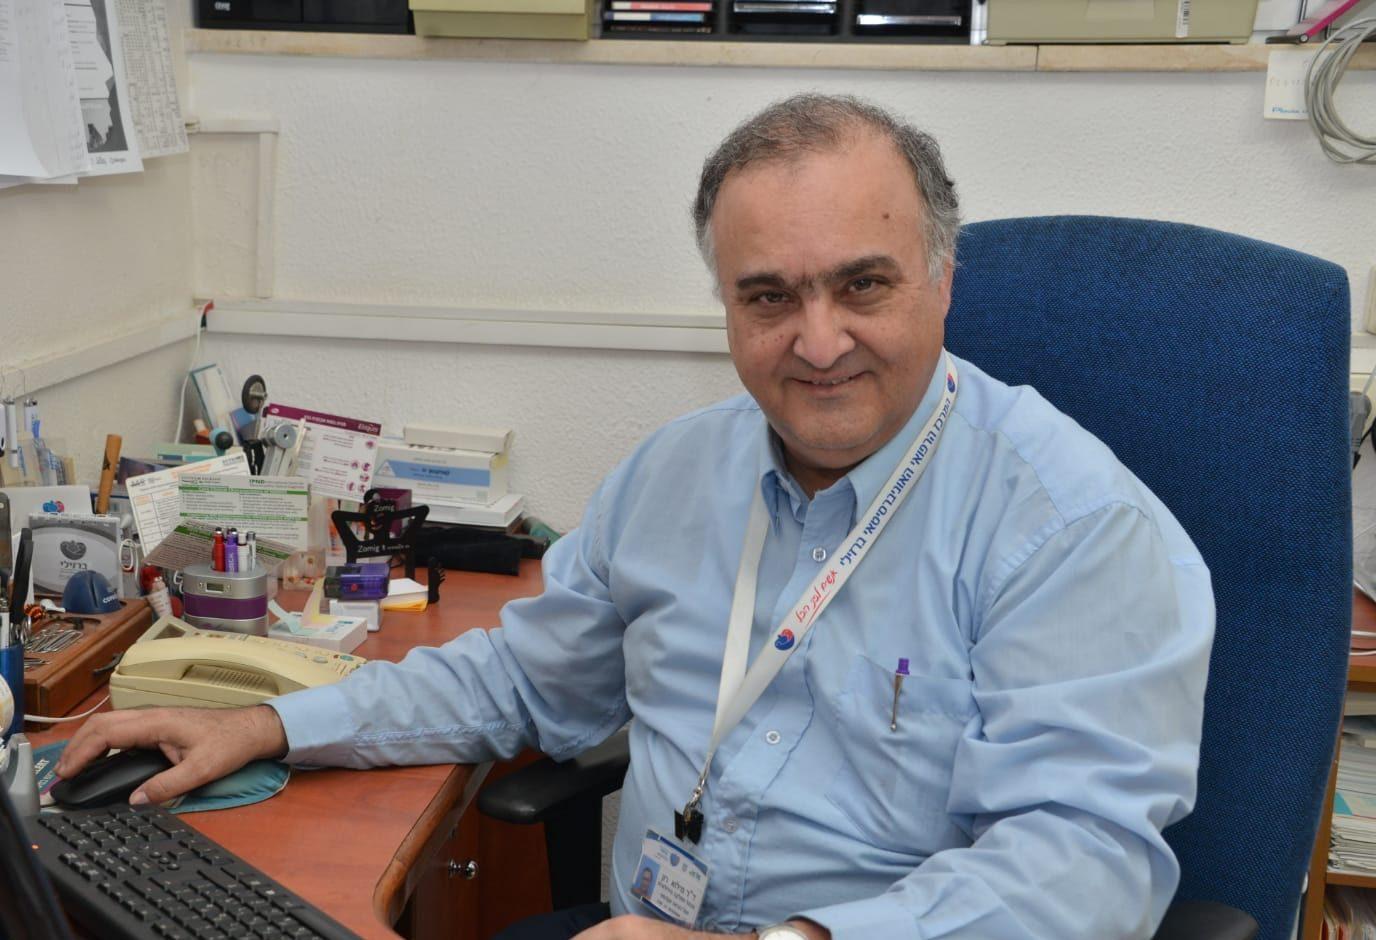 """ד""""ר רוני מילוא, מנהל המחלקה הנוירולוגית במרכז הרפואי ברזילי באשקלון"""